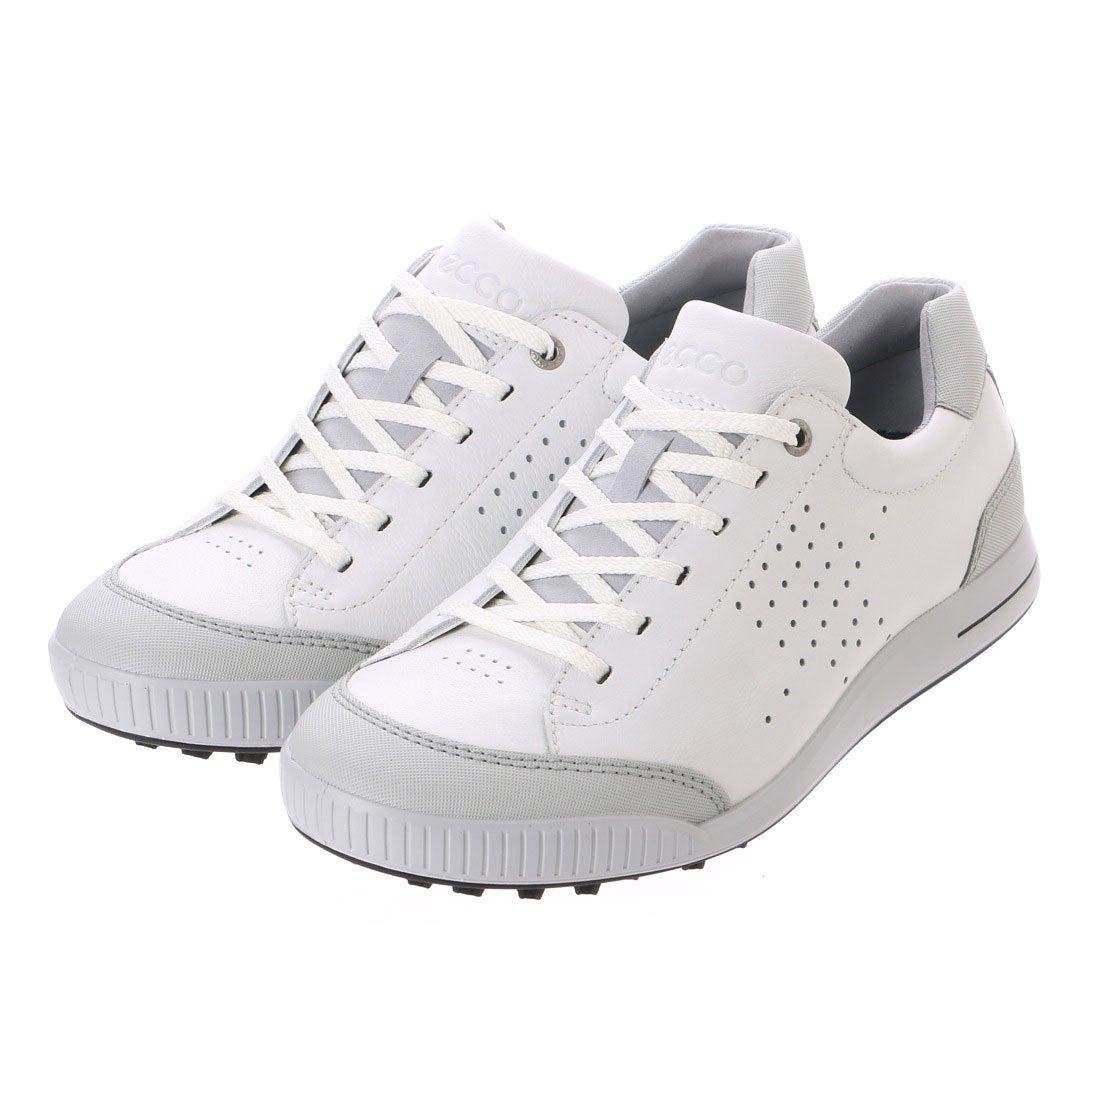 ロコンド 靴とファッションの通販サイトエコー ECCO MEN'S GOLF STREET RETRO (White)